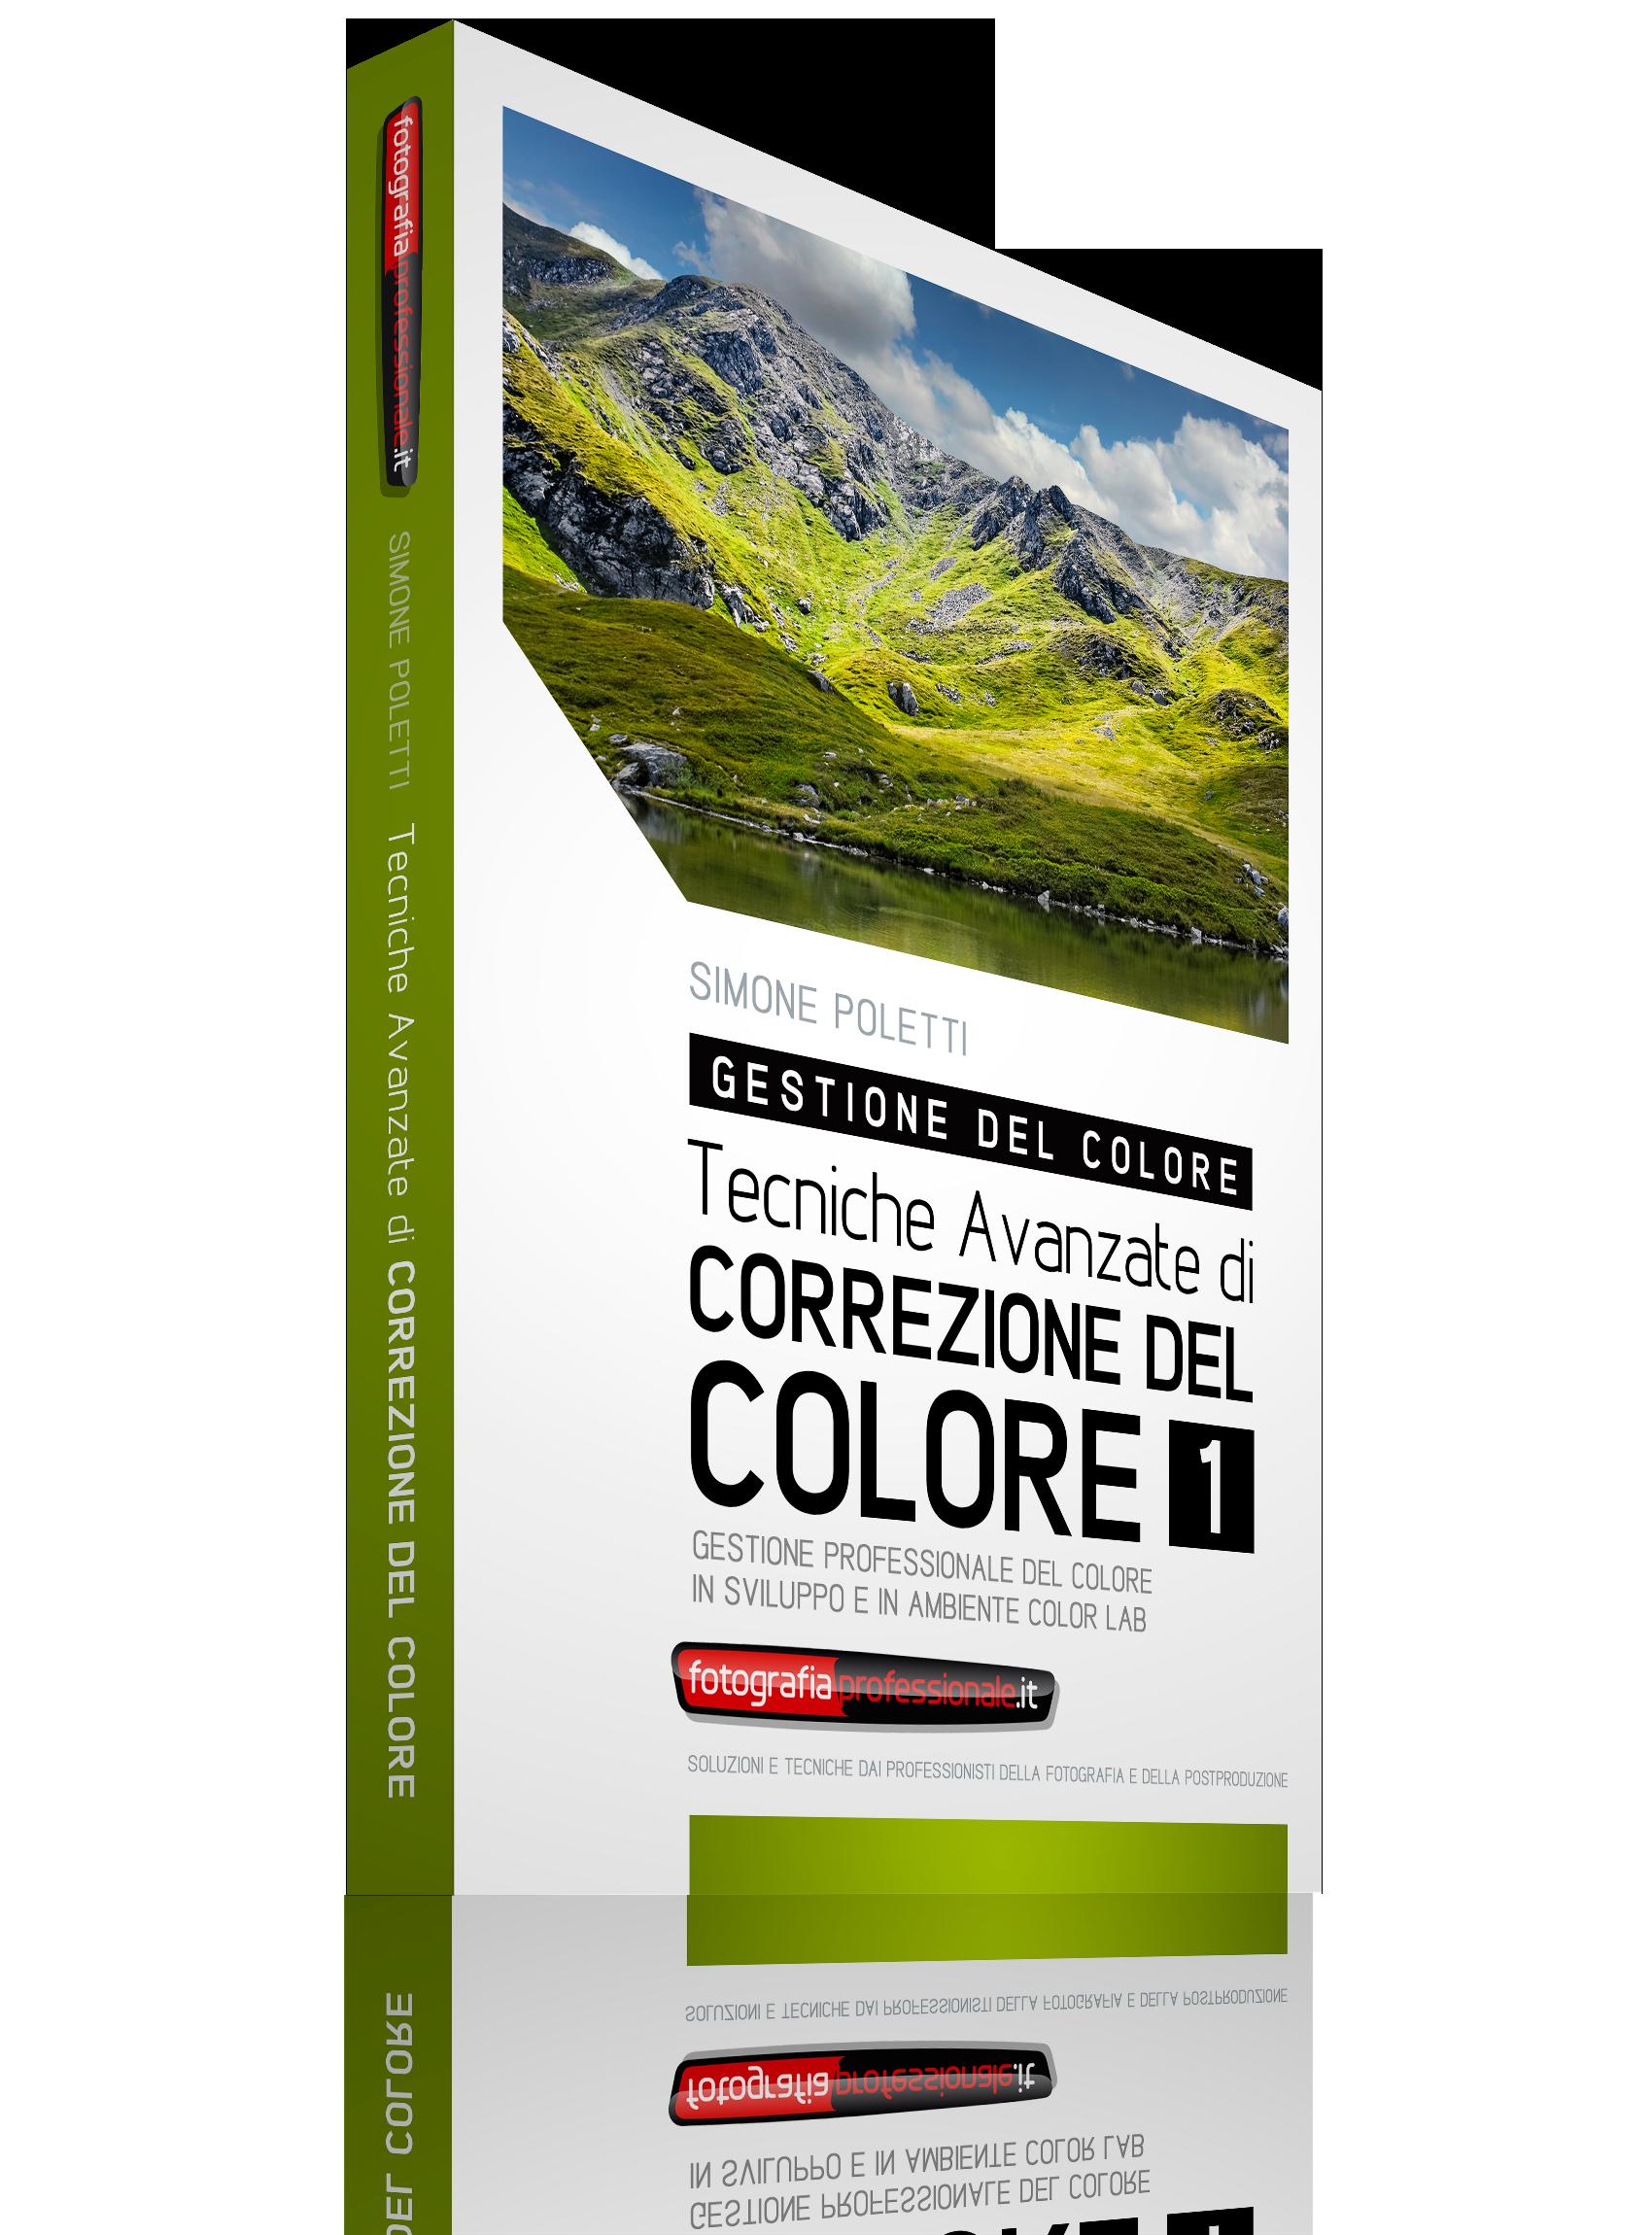 Tecniche Avanzate per la Correzione del Colore 1